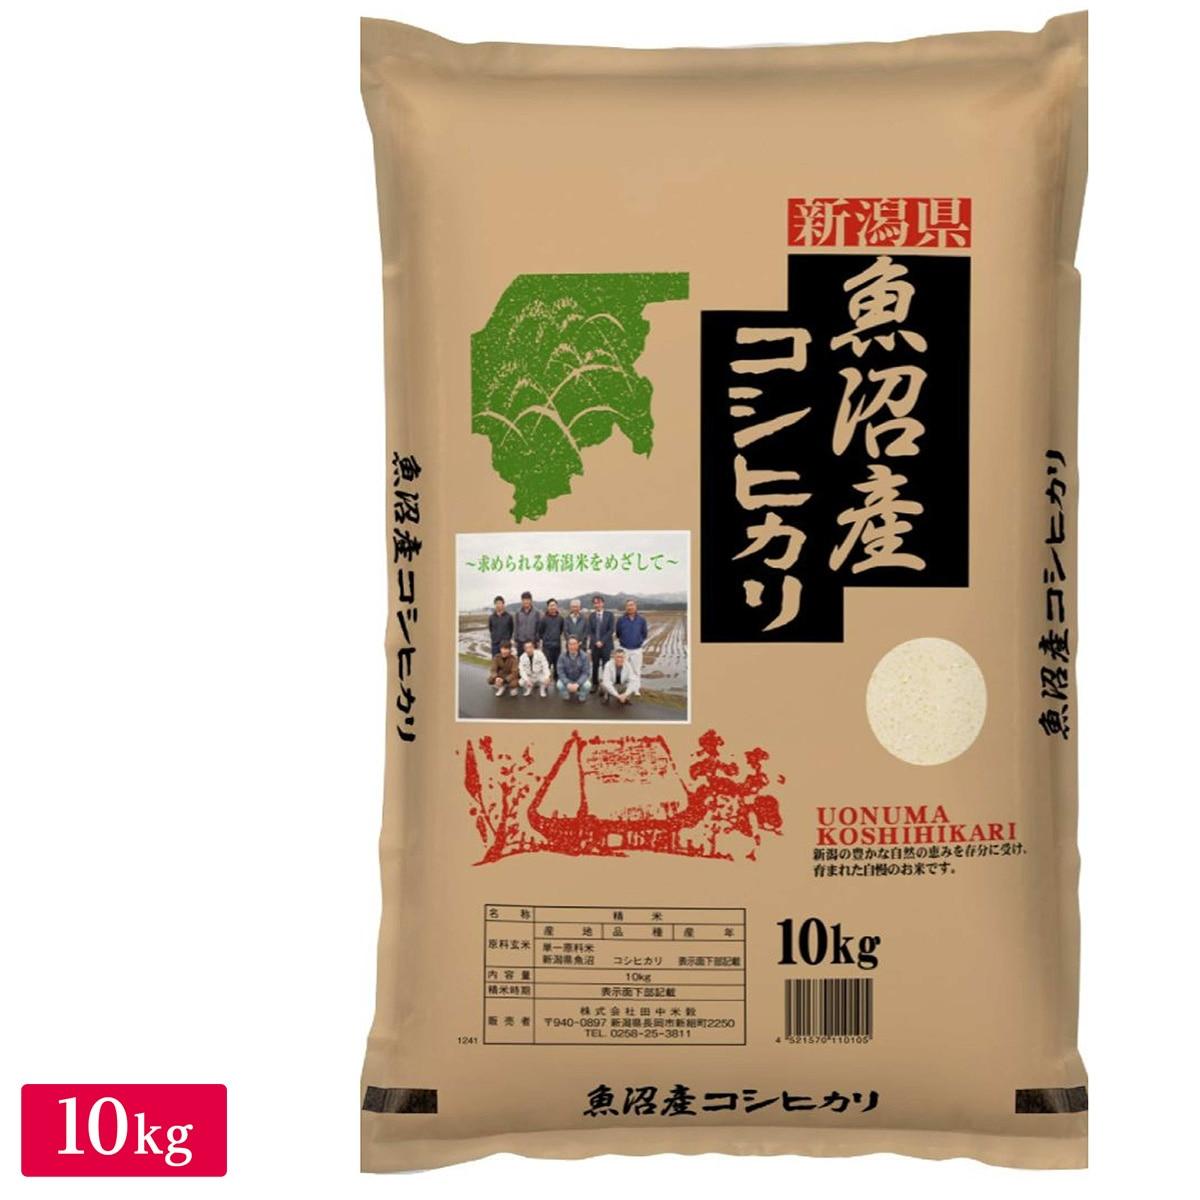 ■【精米】令和元年産 新潟県 魚沼産 コシヒカリ 手縛りクラフト 10kg